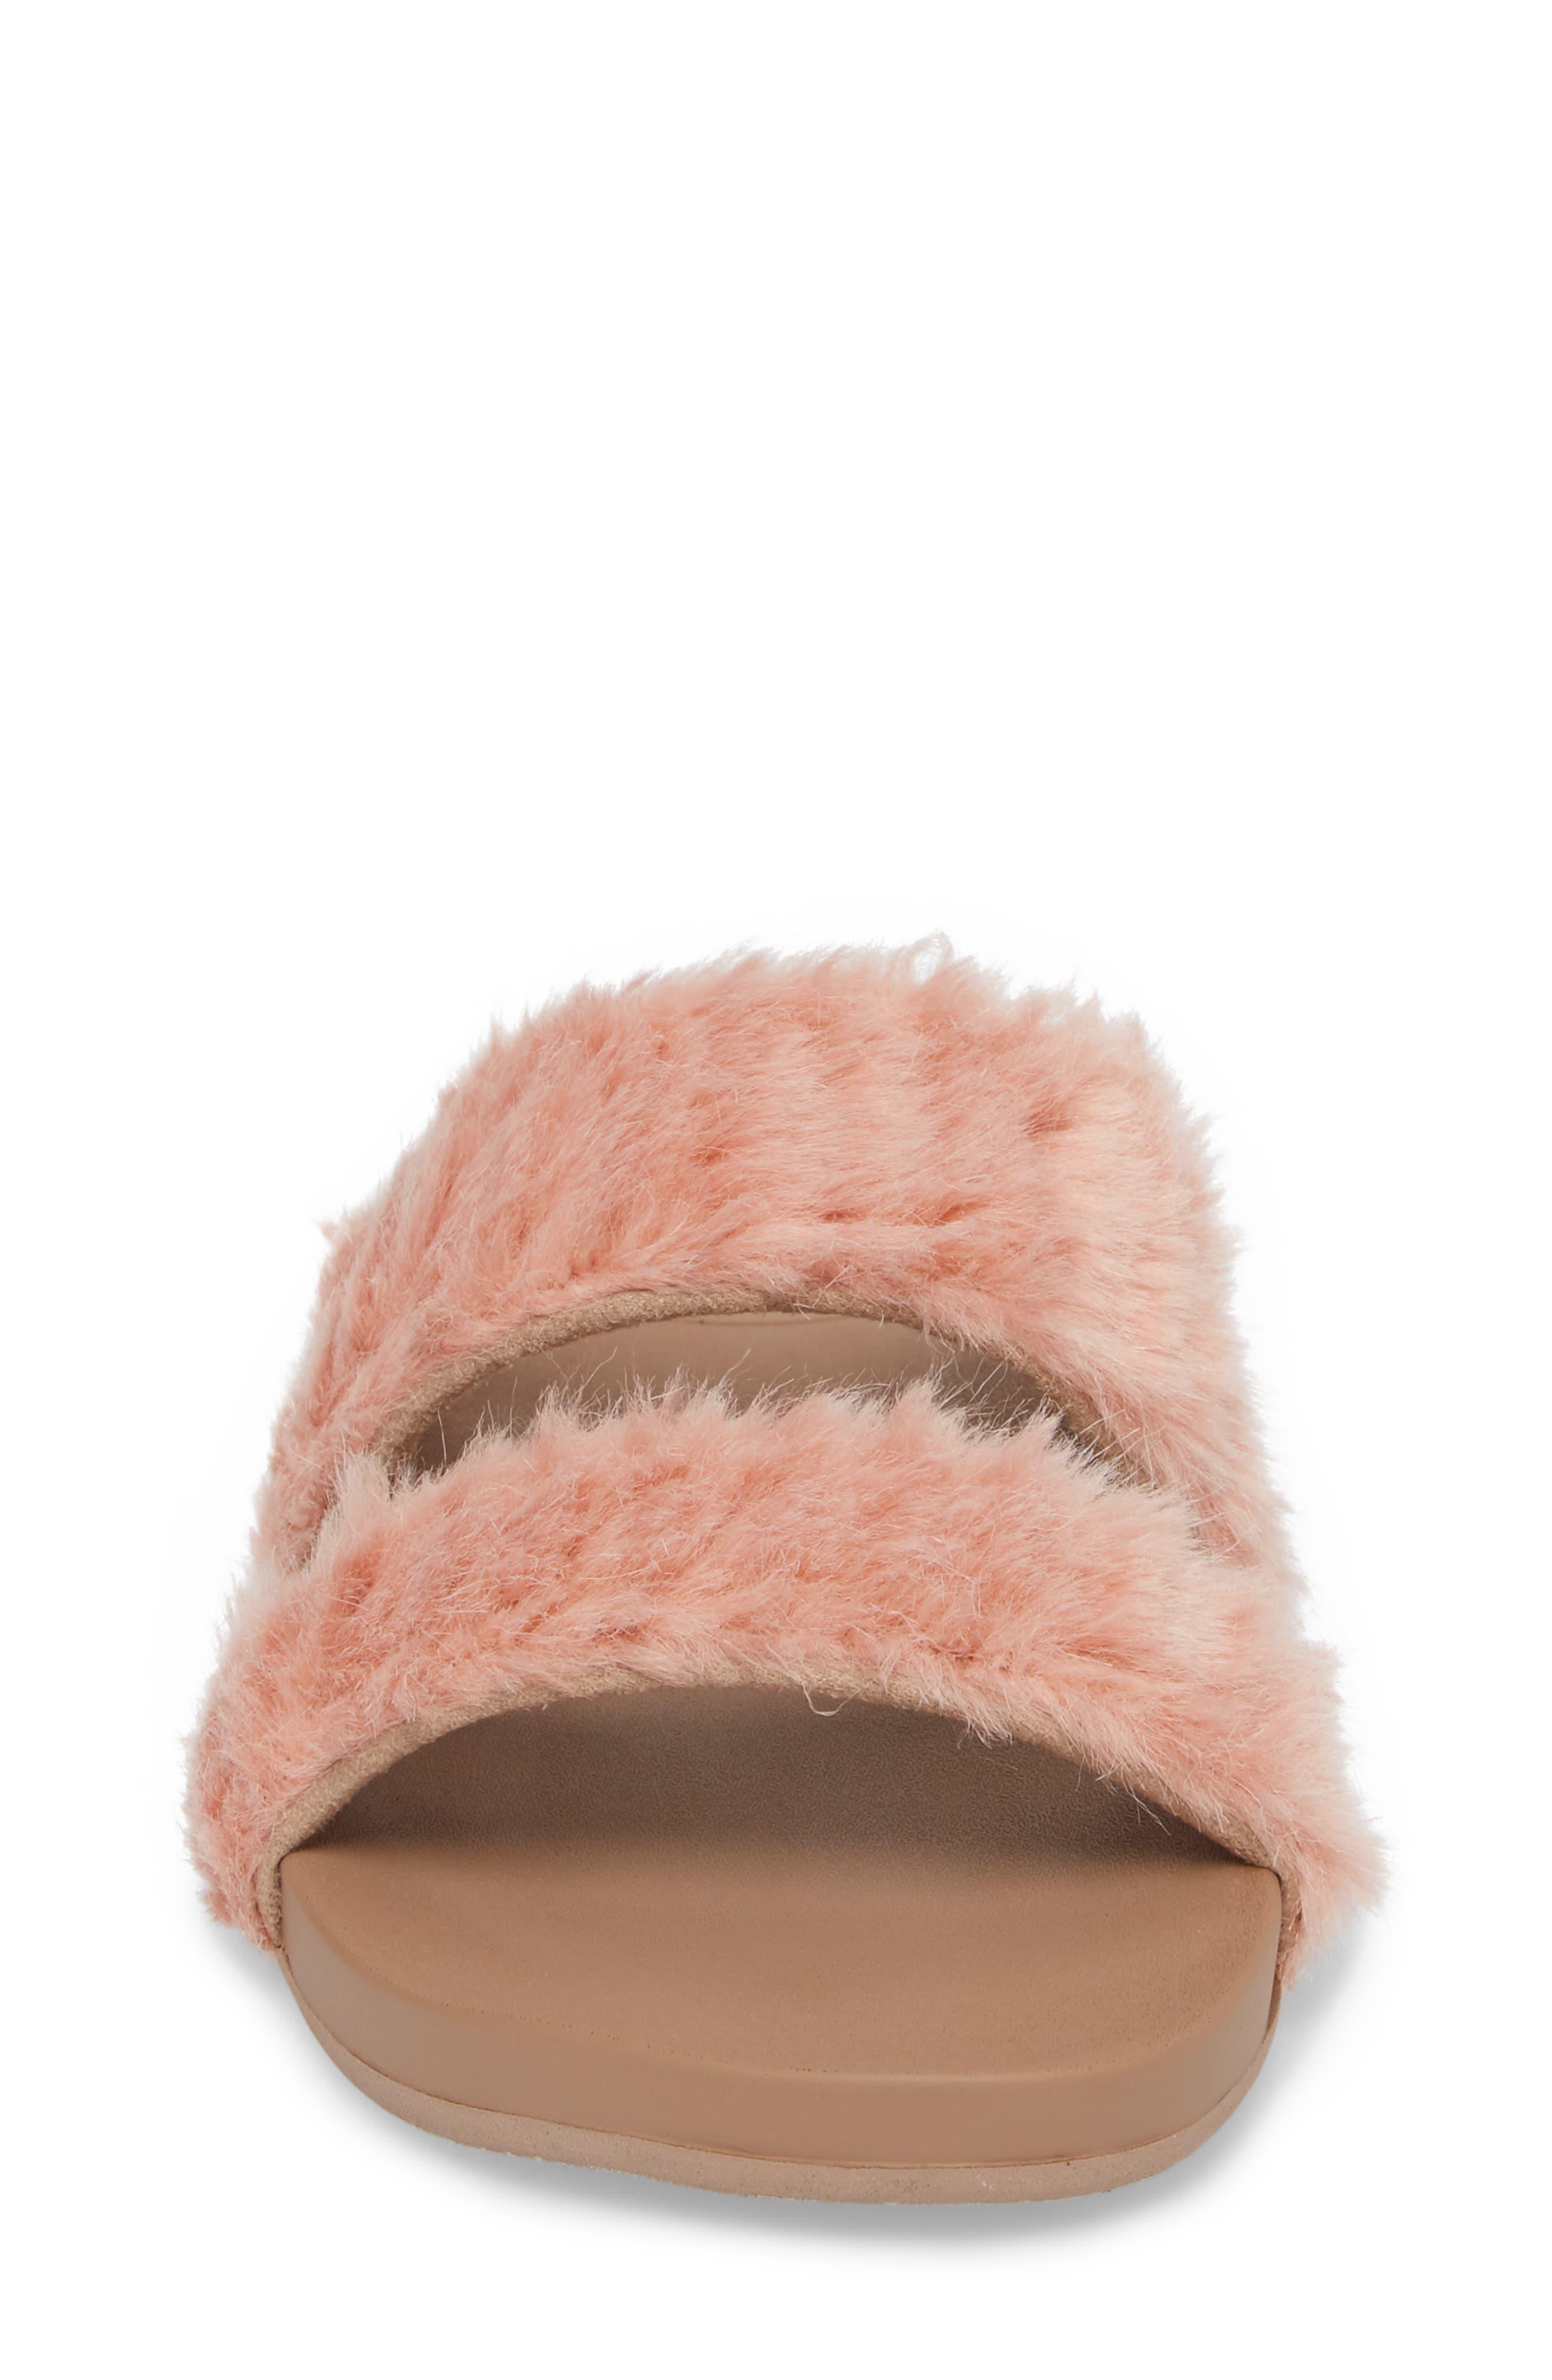 Bounce Faux Fur Double Strap Slide Sandal,                             Alternate thumbnail 4, color,                             Blush